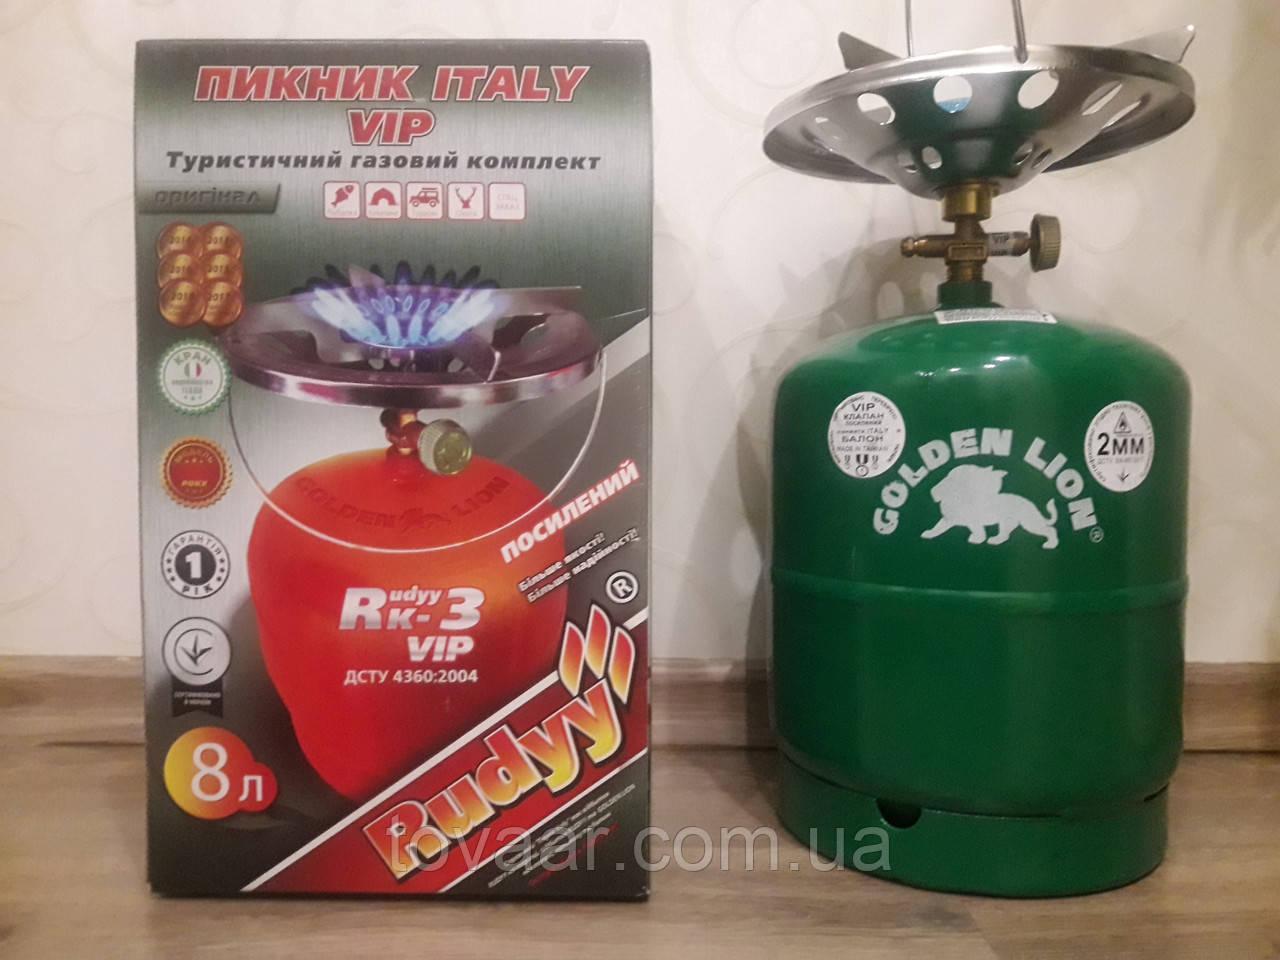 Газовый комплект Golden Lion VIP RUDYY Rk-3, 8л